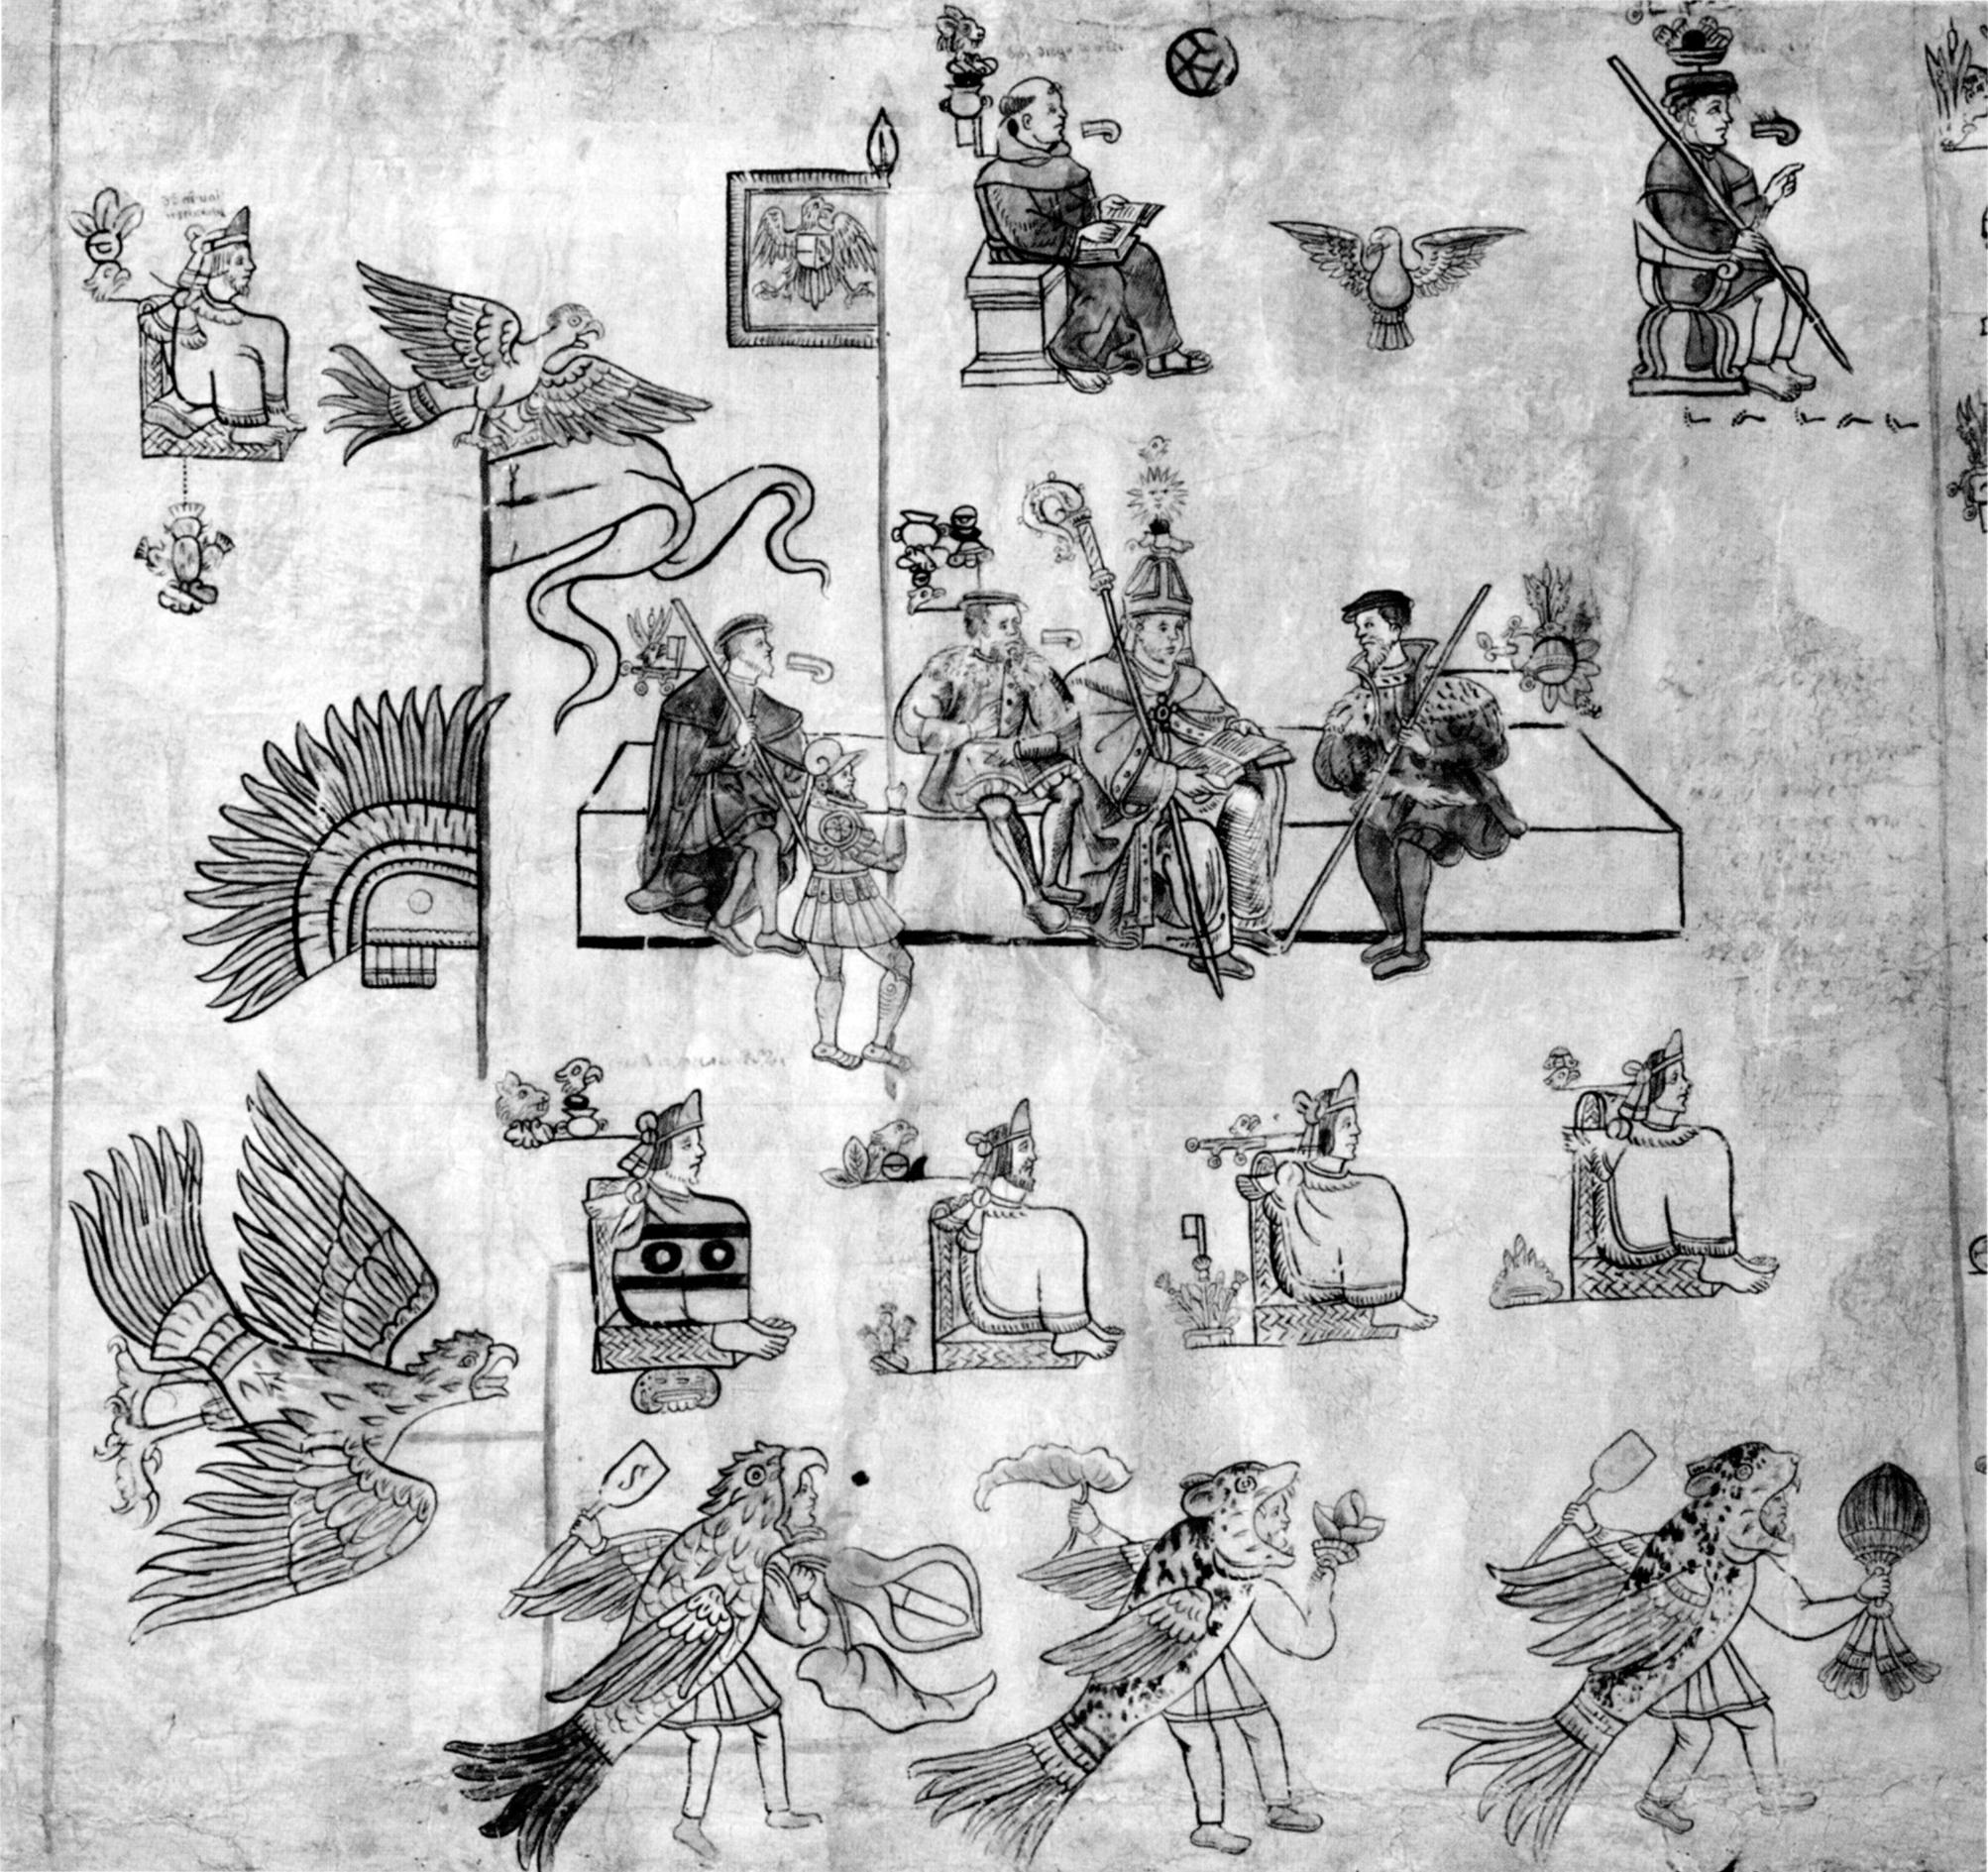 Figure 1. Codex Tlatelolco, illustration #8. Biblioteca Nacional de Antropología e Historia, Mexico City.